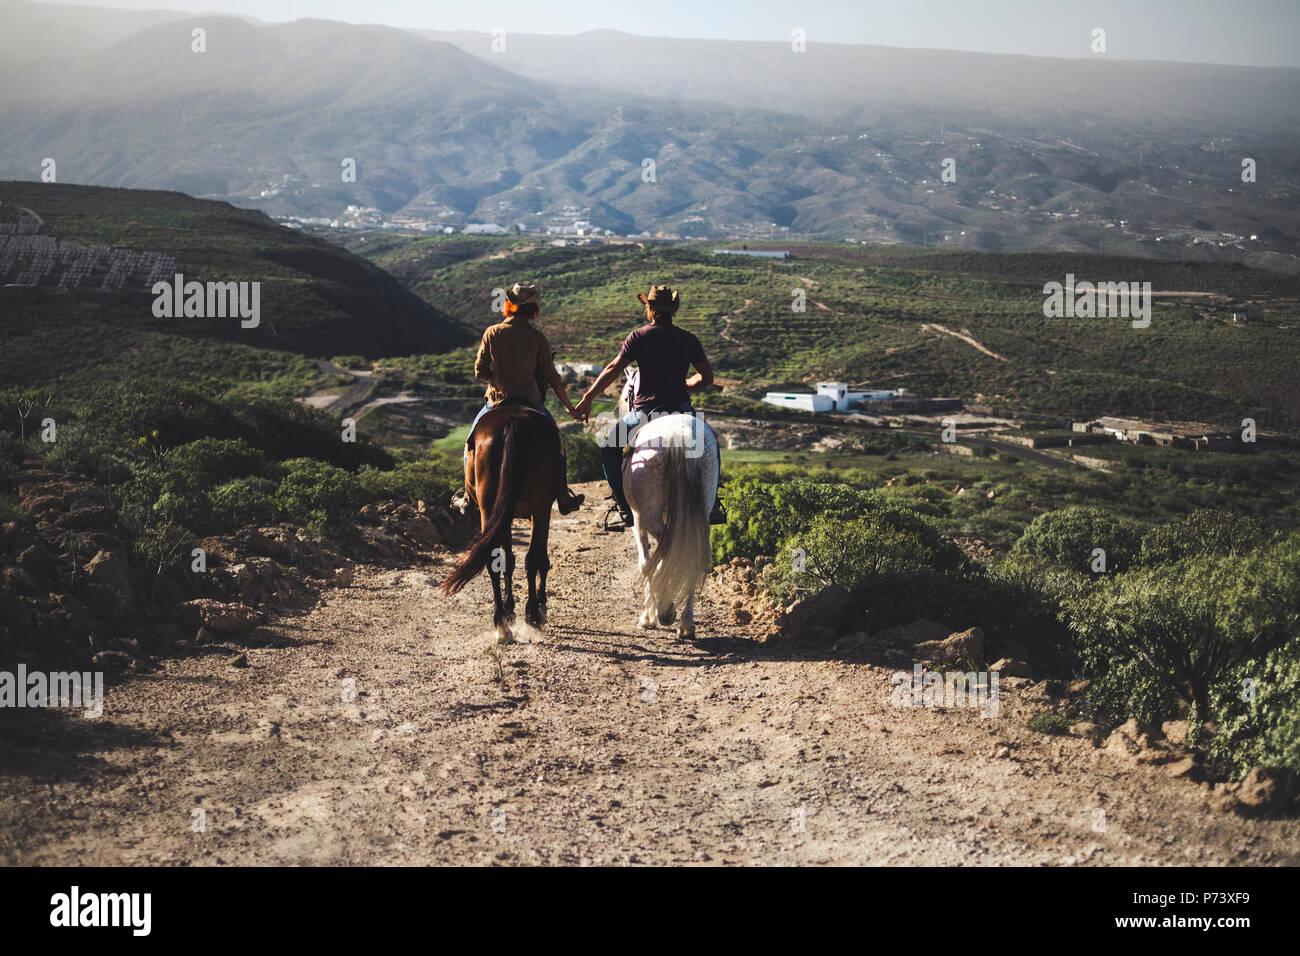 Pareja en amor cabalgando dos hermosos caballos permanecer juntos en una aventura para un estilo de vida alternativo y vacaciones. Convivencia pareja que viajaba c Imagen De Stock